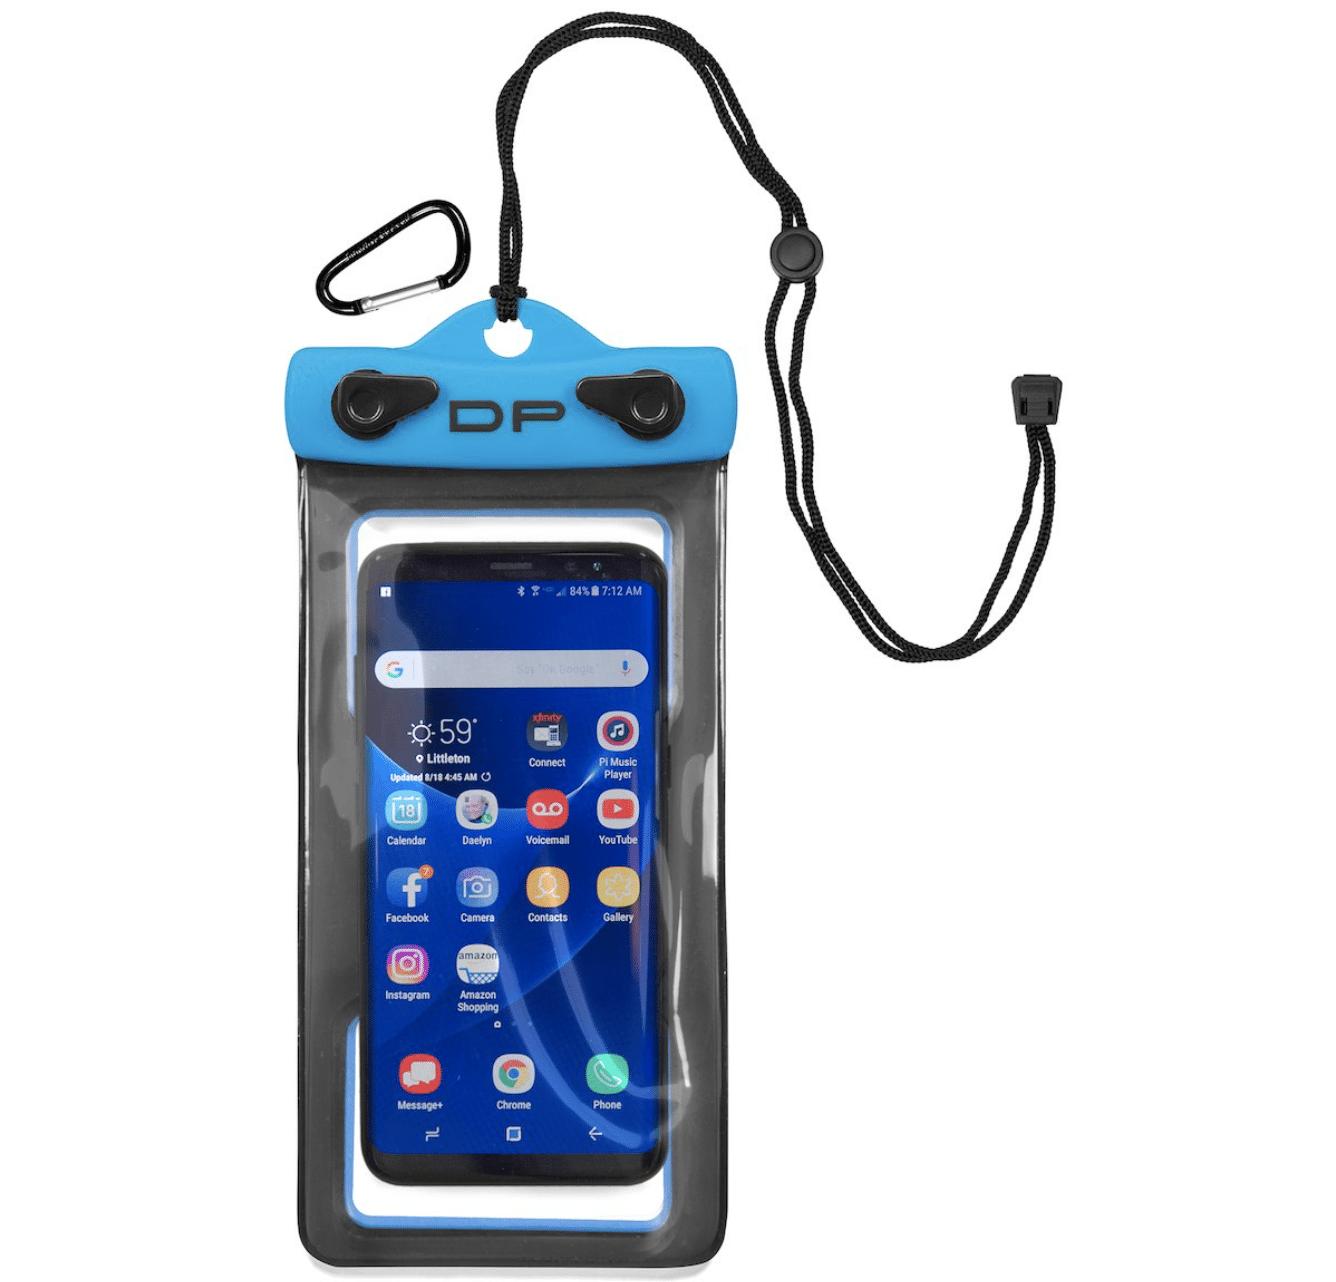 waterproof, floating phone case